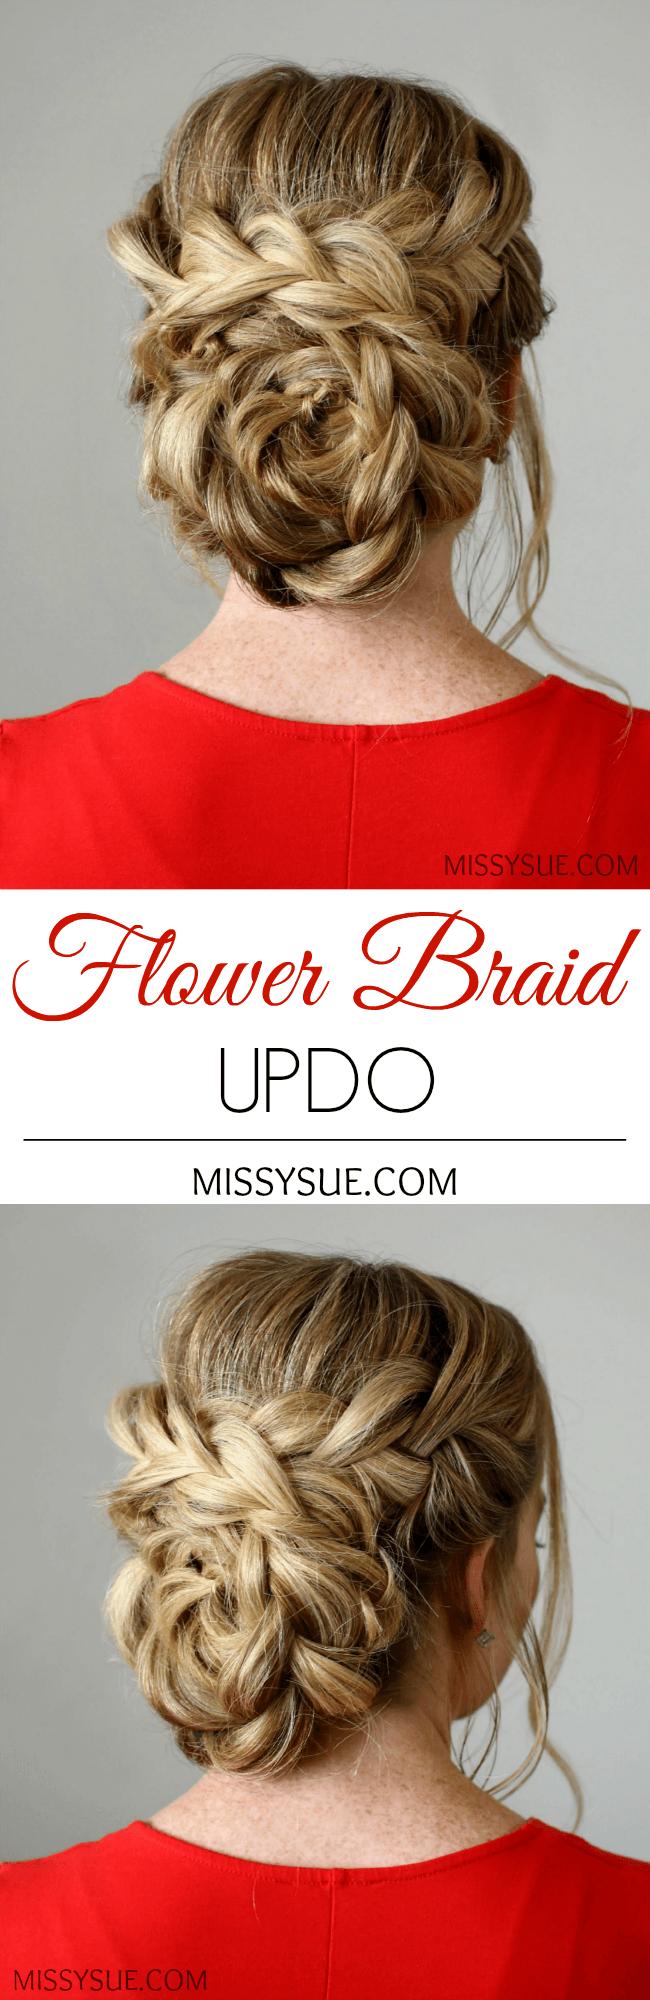 Flower Braid Updo